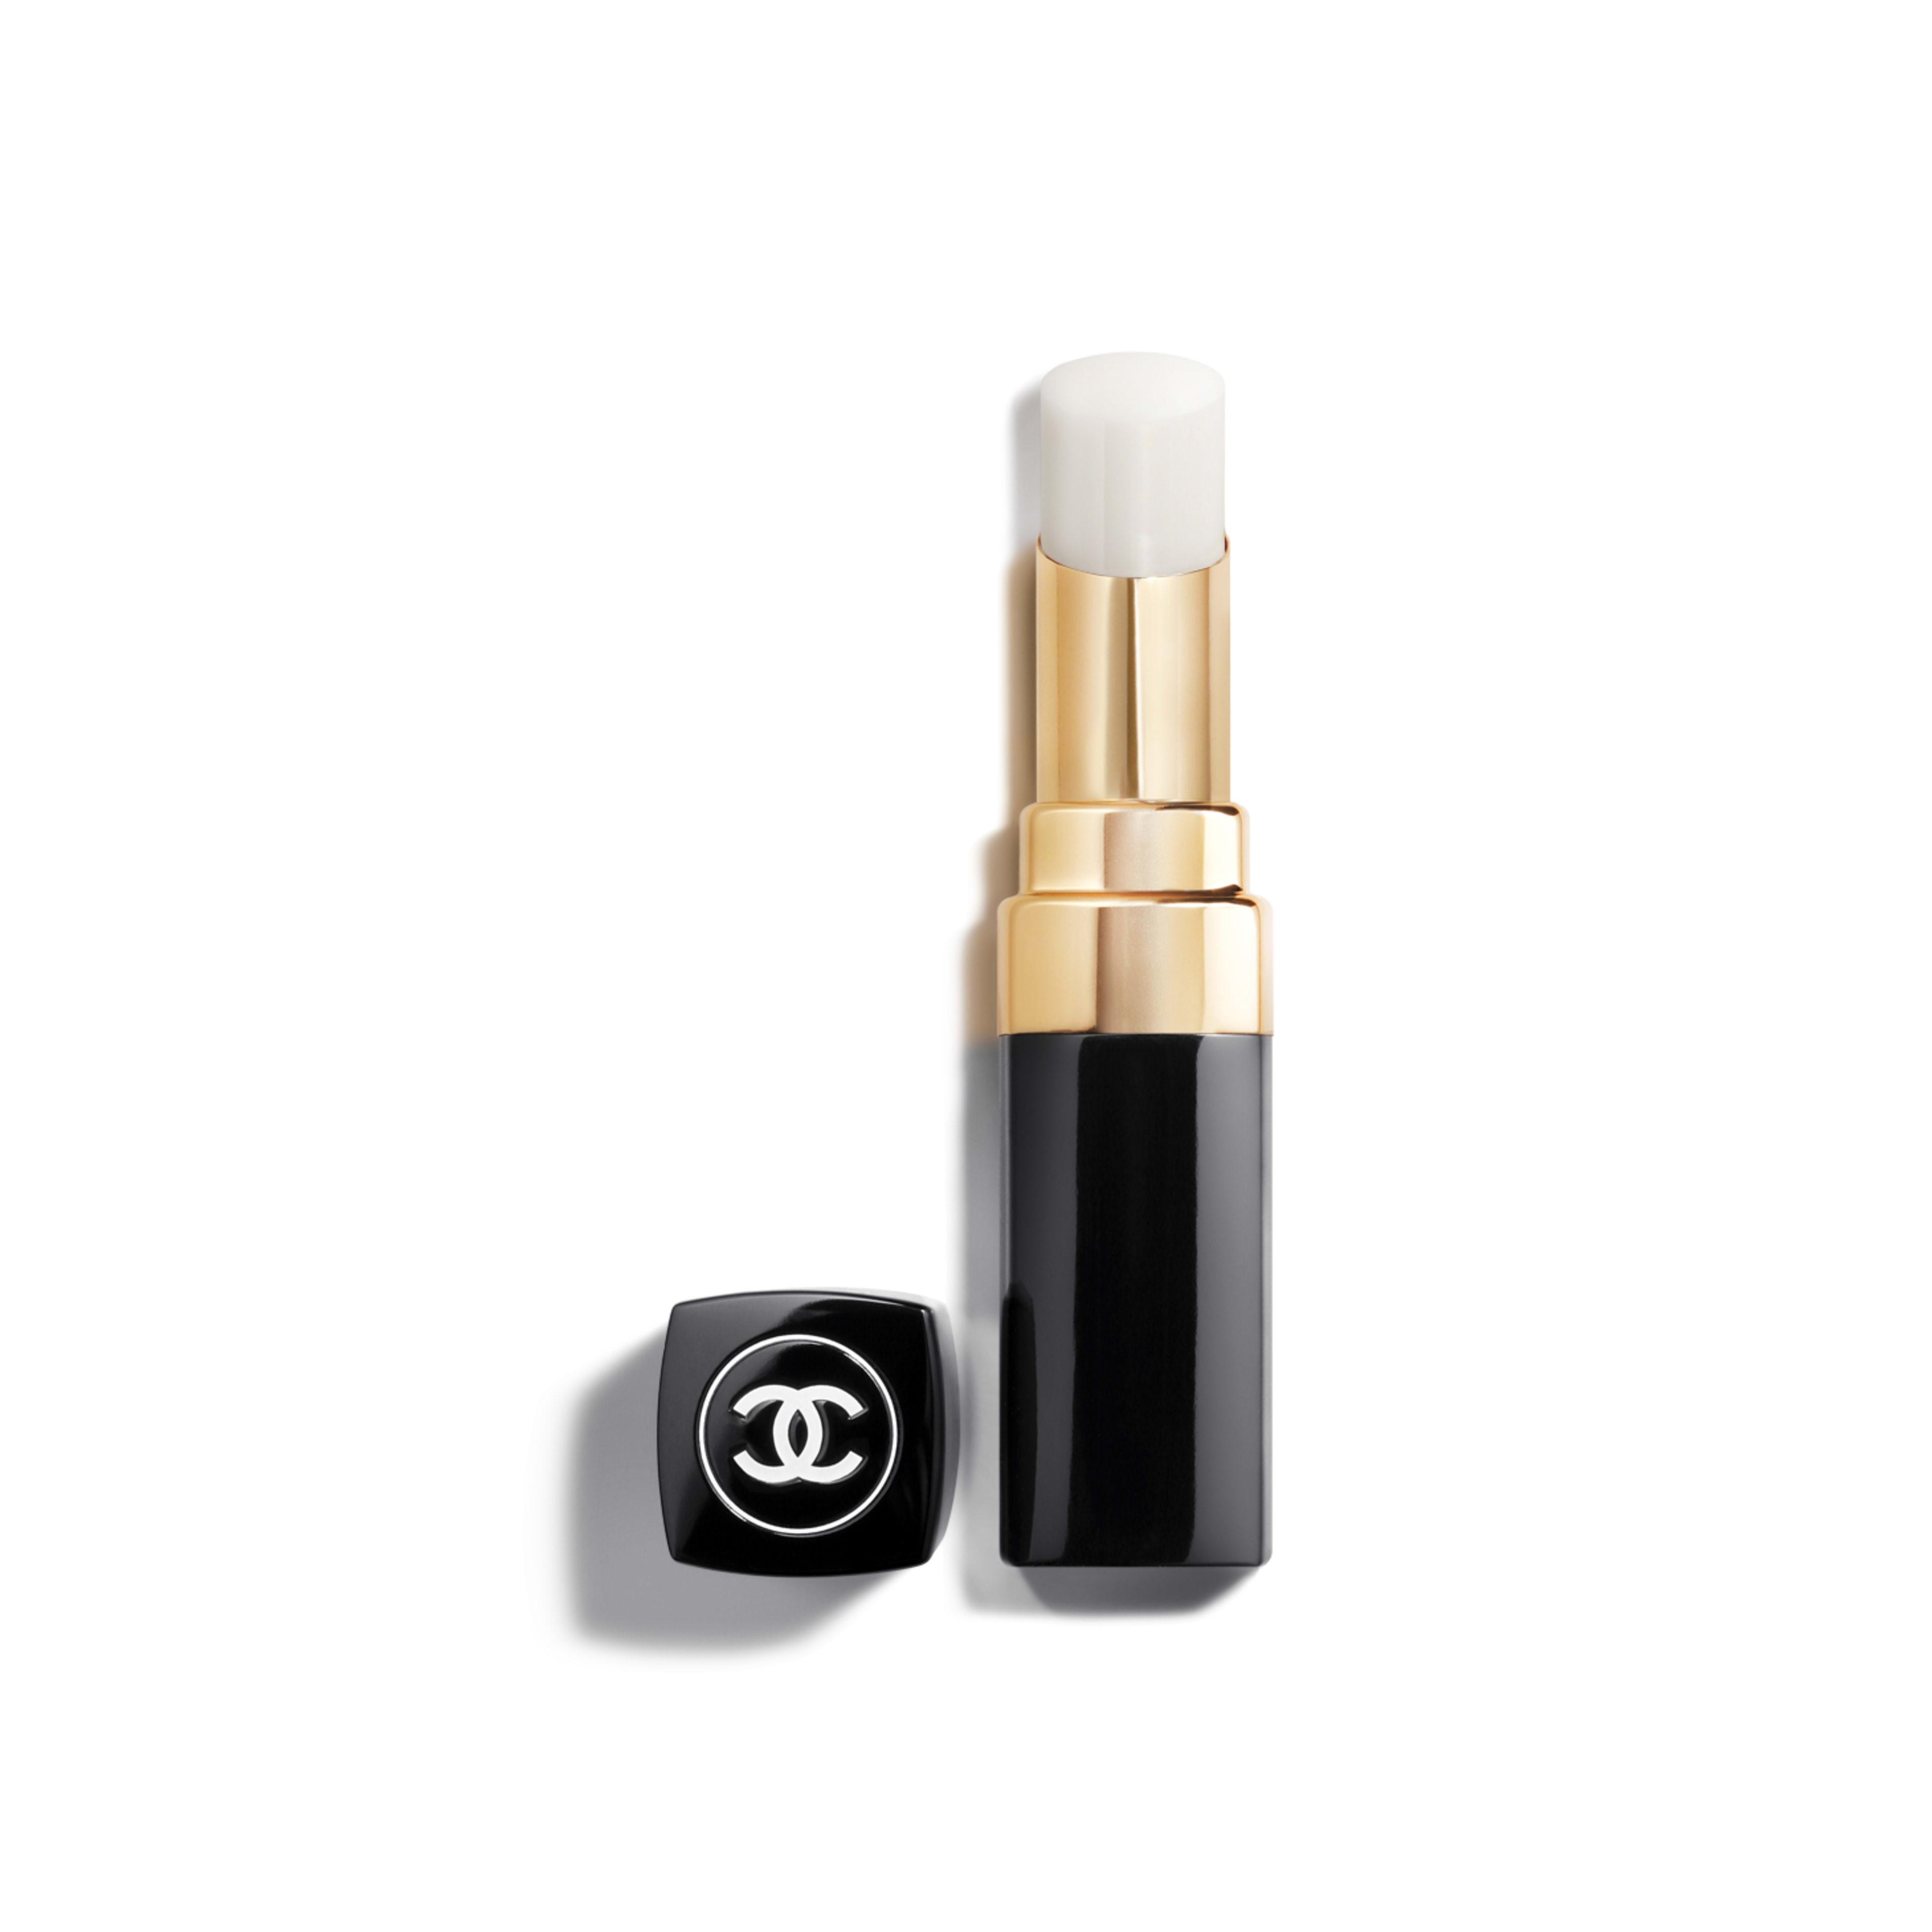 ROUGE COCO BAUME - makeup - 0.1OZ. - Default view